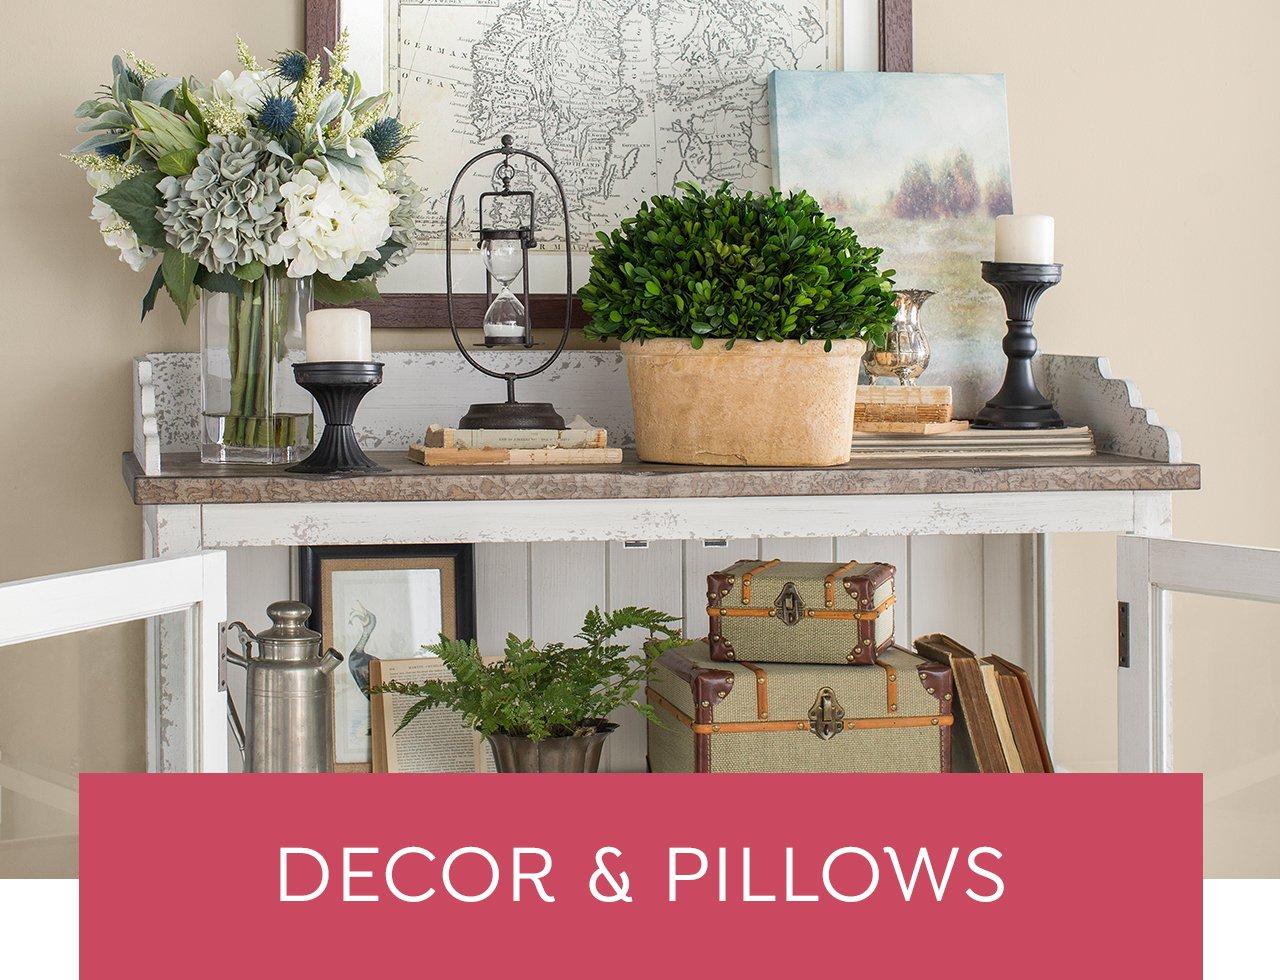 Decor & Pillows